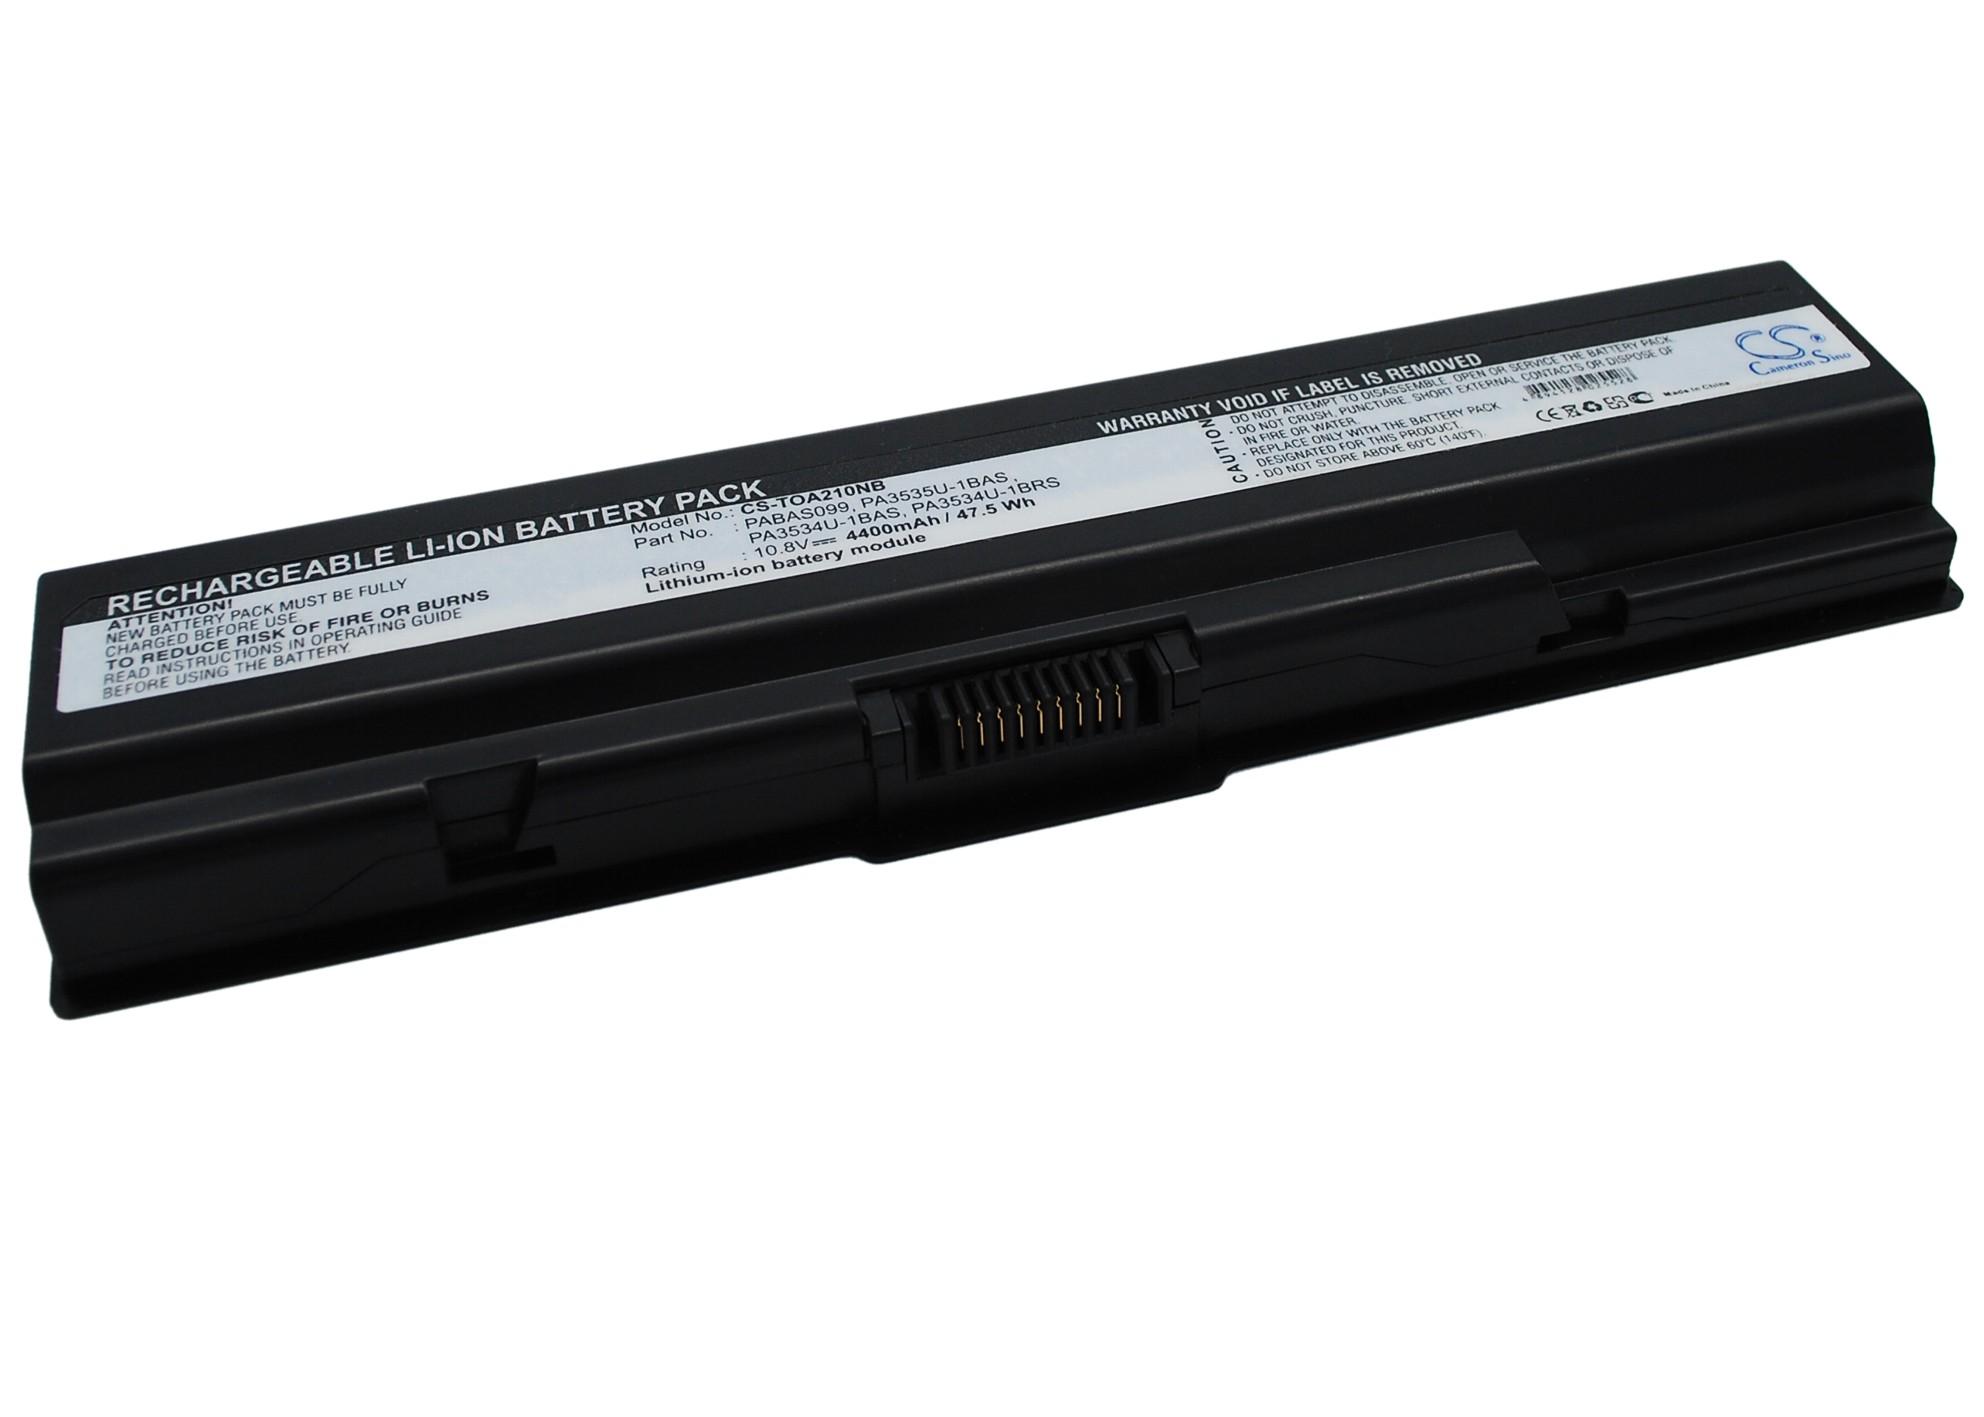 Cameron Sino baterie do notebooků pro TOSHIBA Satellite L505-ES5018 10.8V Li-ion 4400mAh černá - neoriginální